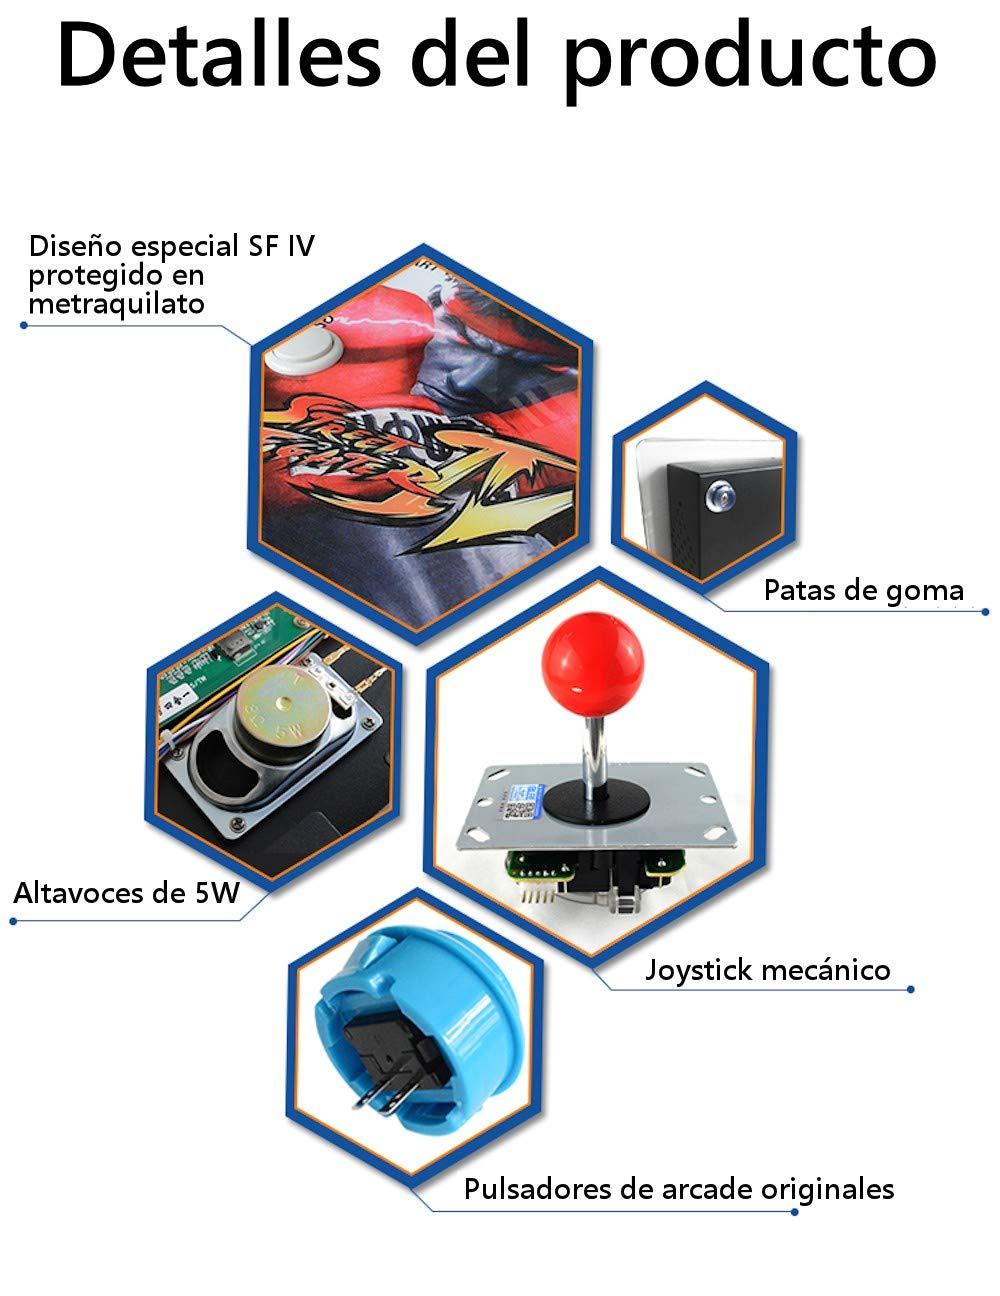 Unicview Consola de Videojuegos Jamma Pandora´s Box 6S (Versión actualizada para 2019) 1.388 Juegos Versiones Originales (Neogeo, CPS1, CPS2, CPS3 y ...